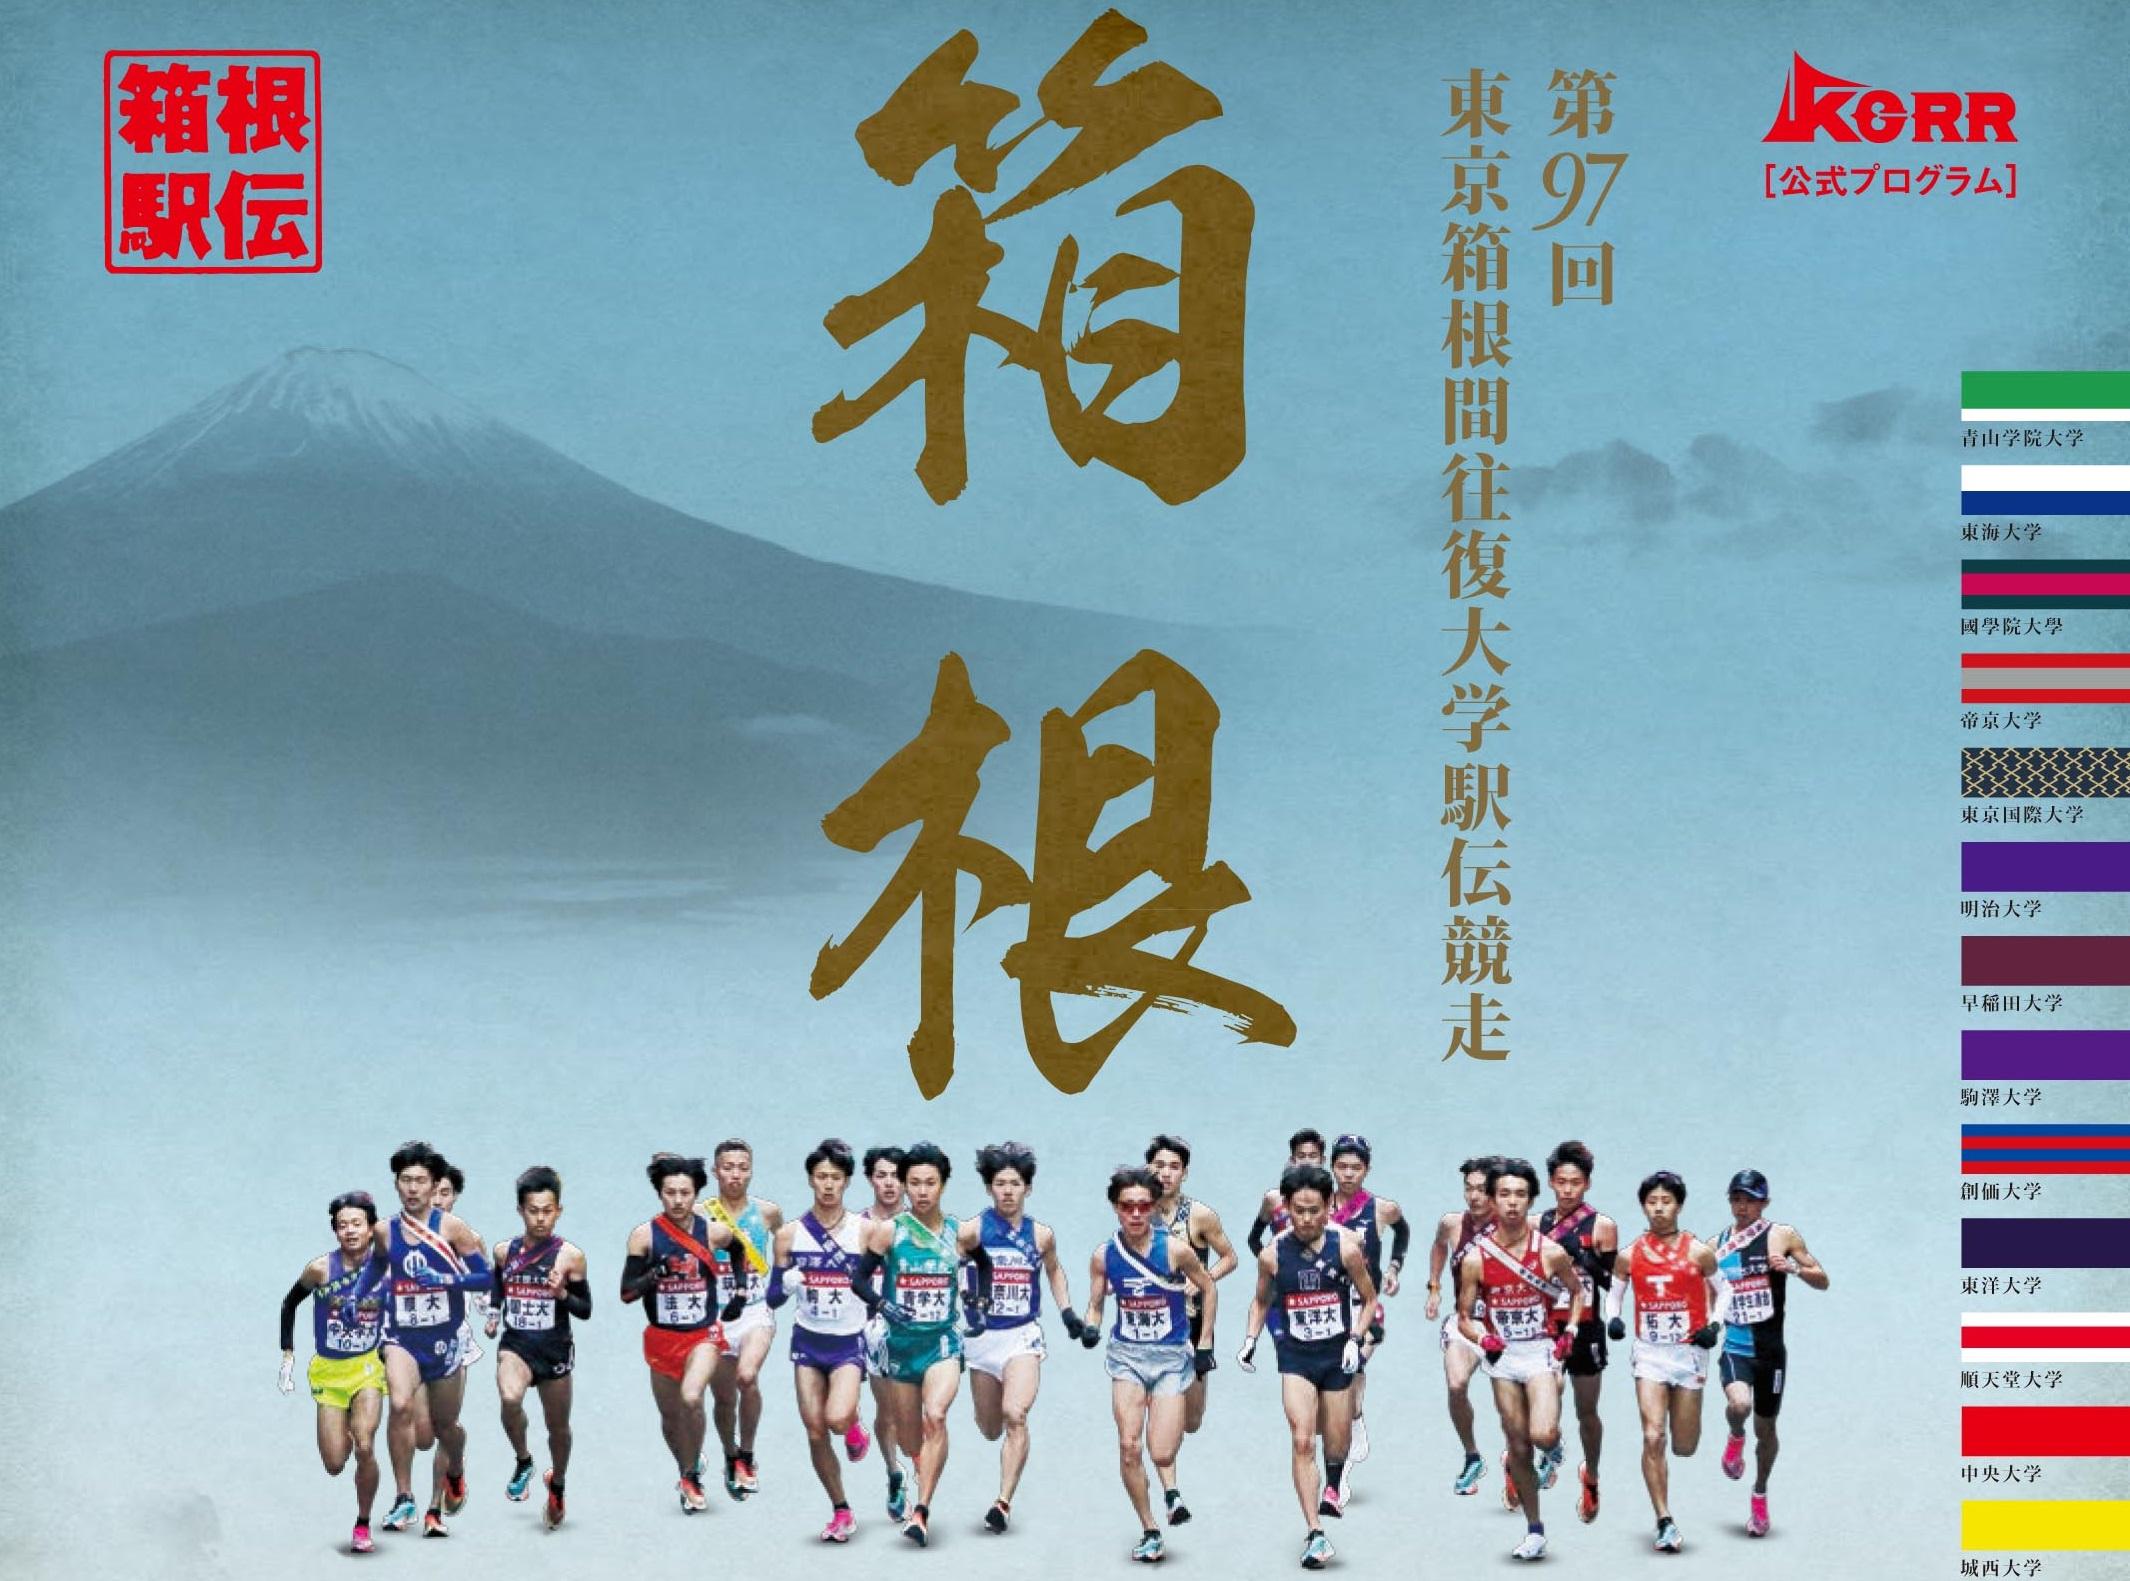 【駅伝】箱根駅伝公式プロ&ポスターに思い込め「応援したいから、応援にいかない。」